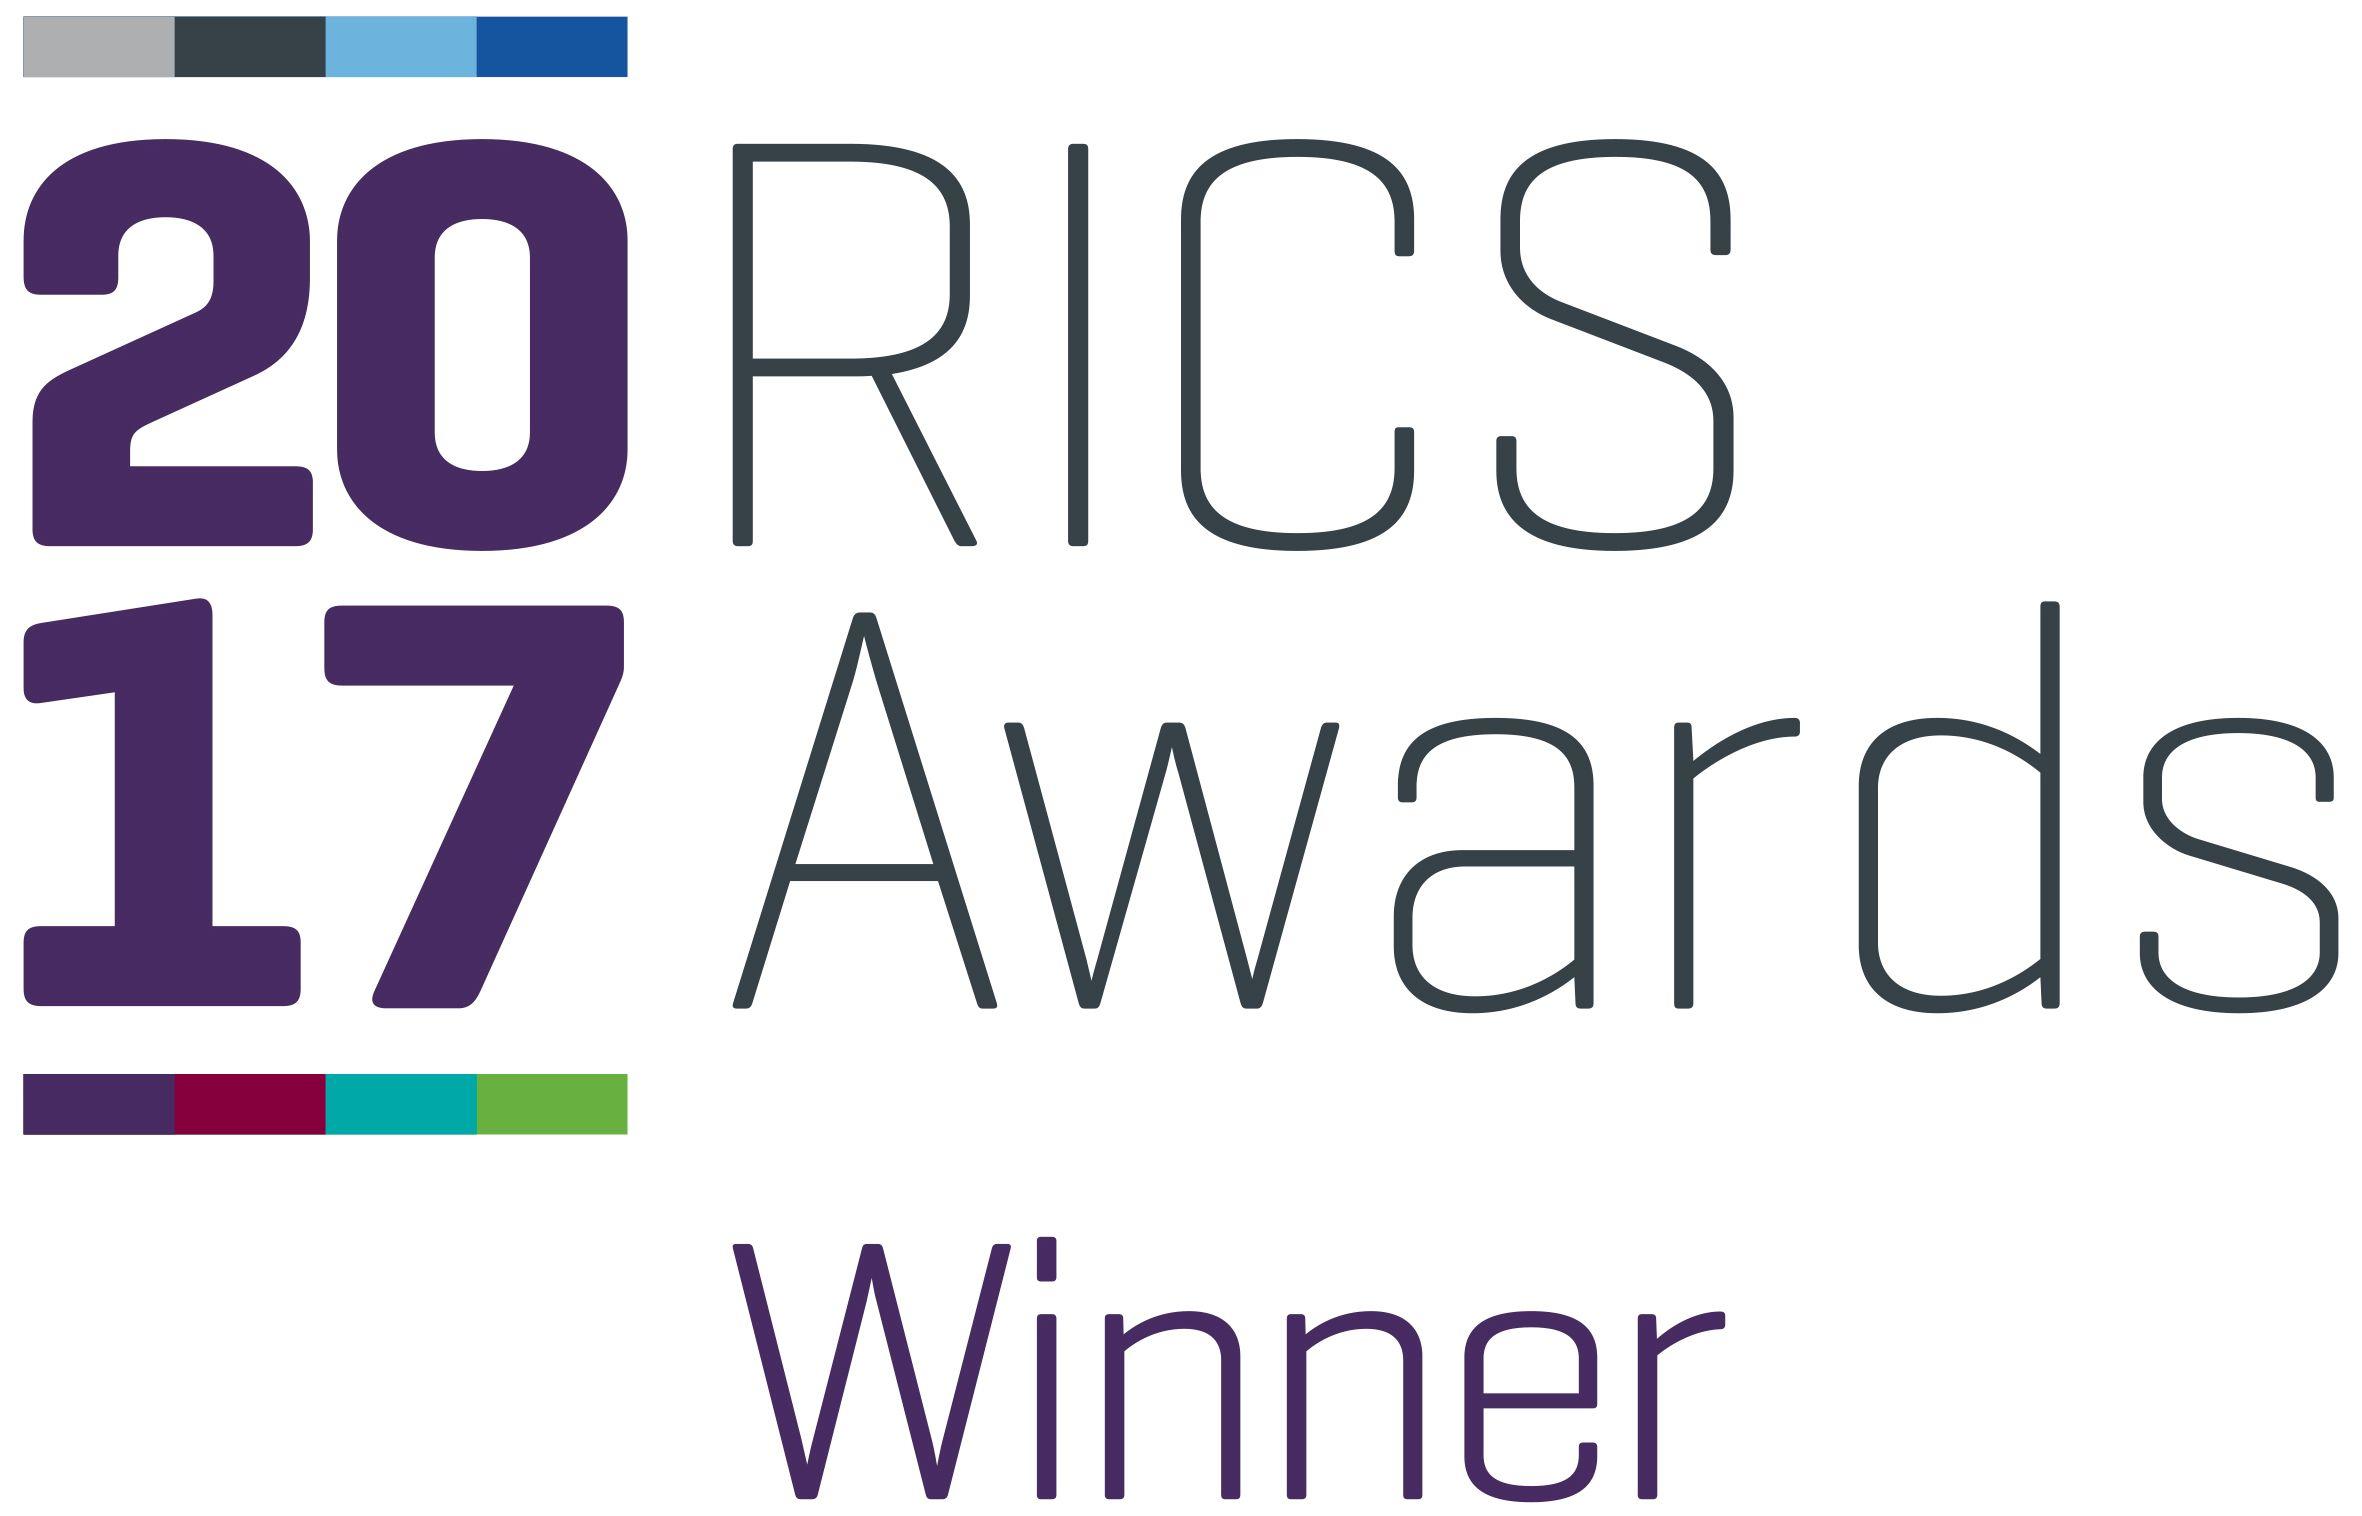 RICS_2017_awards_logo_winner.jpg